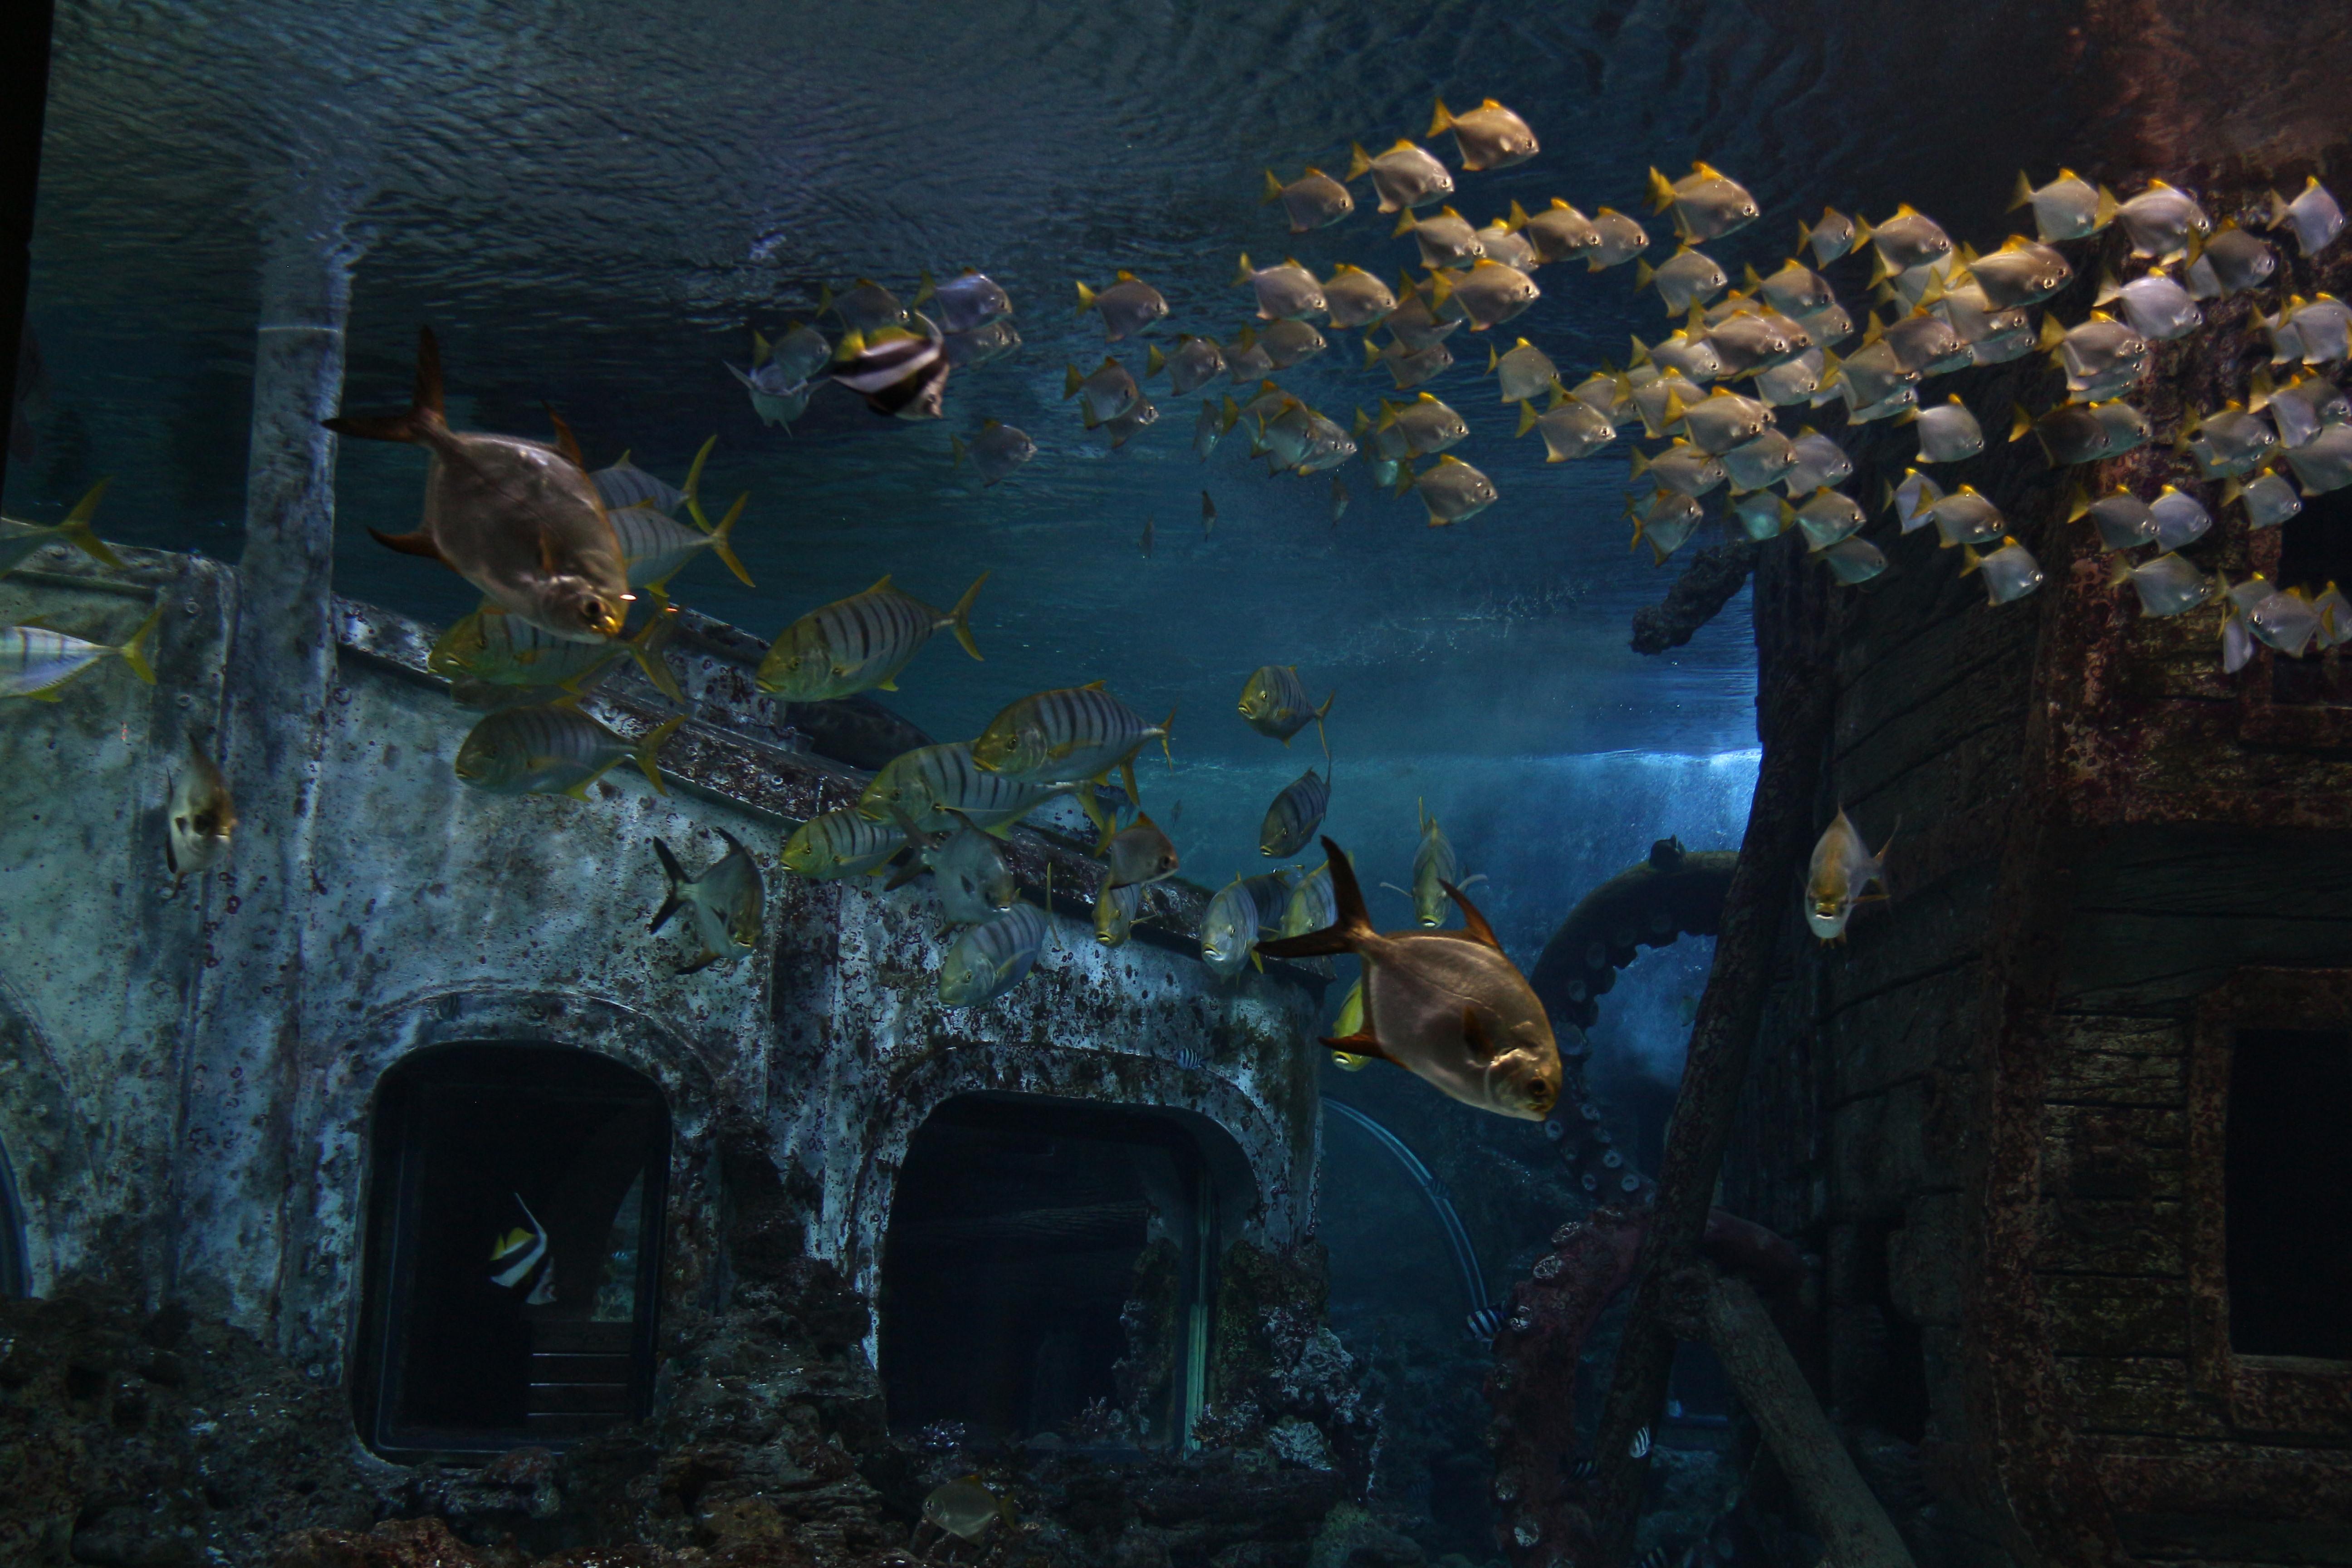 еще воронеж океанариум фото тока этих